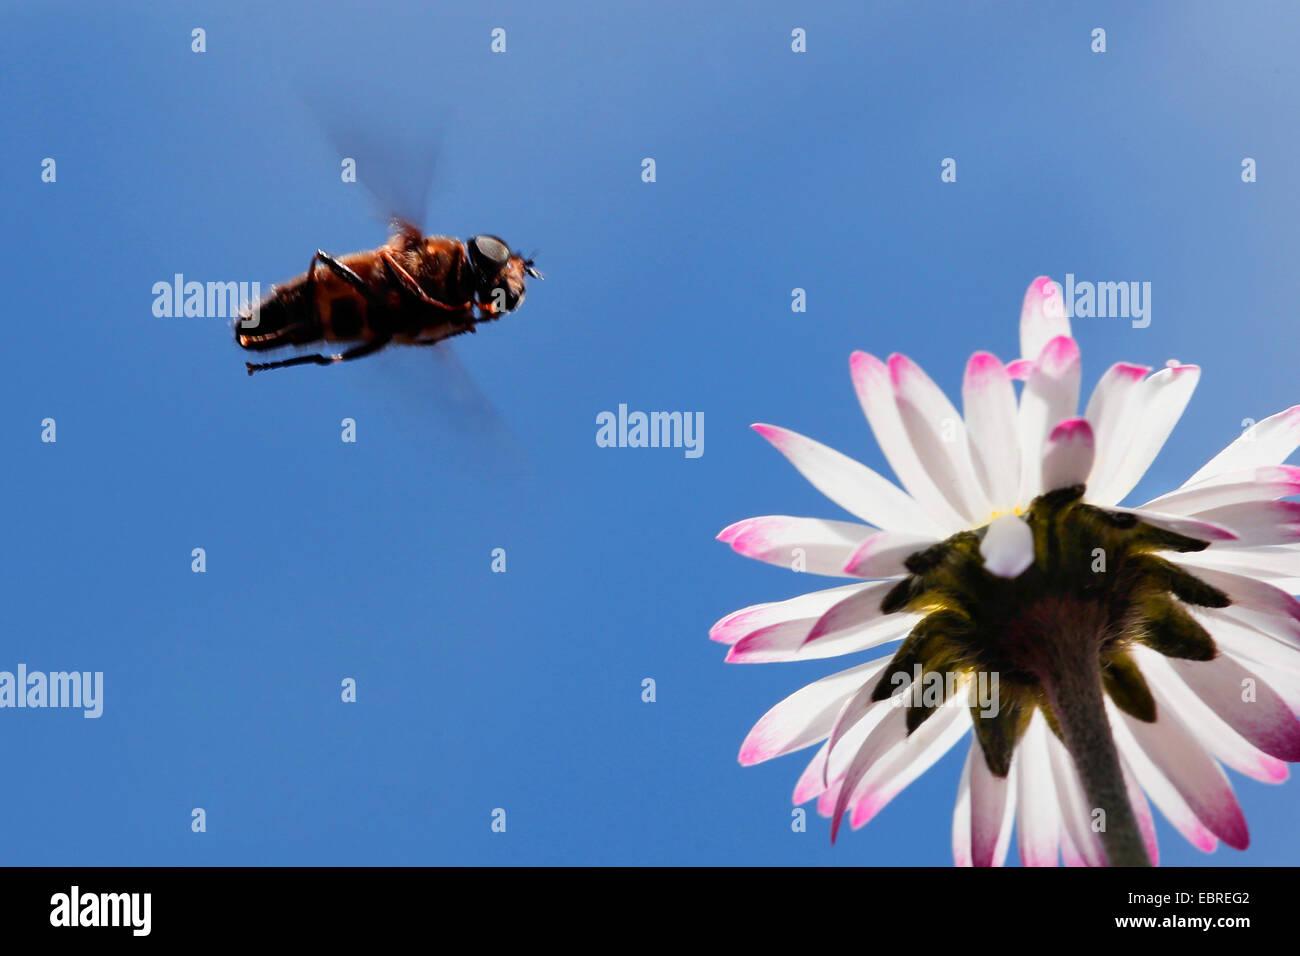 Schwebfliegen, Schwebfliegen, Syrphid fliegt, Blume fliegen (Syrphidae), nähert sich ein Gänseblümchen, Stockbild